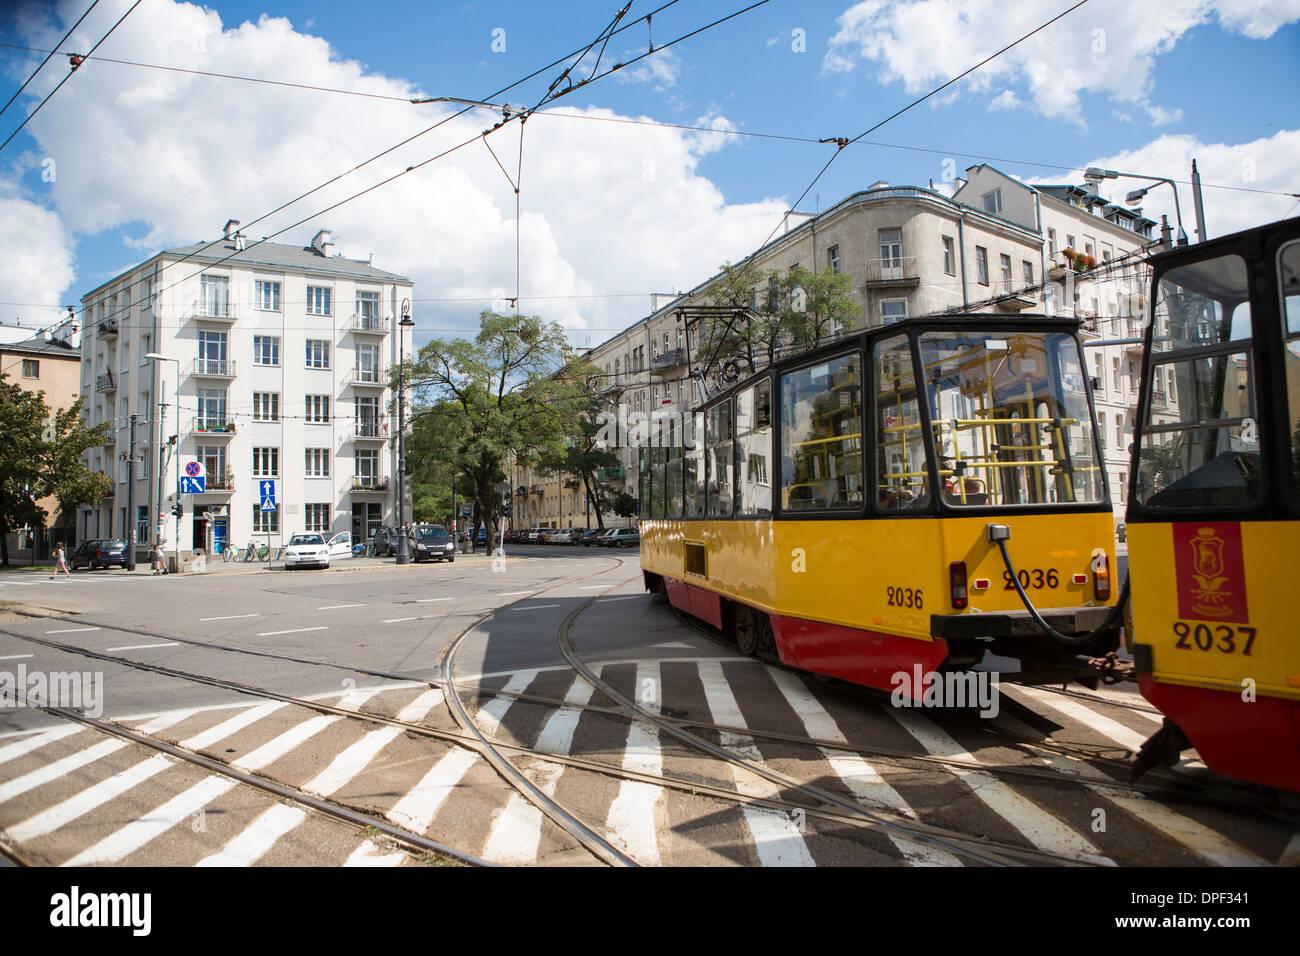 Tram, Praga district, Warsaw, Poland - Stock Image